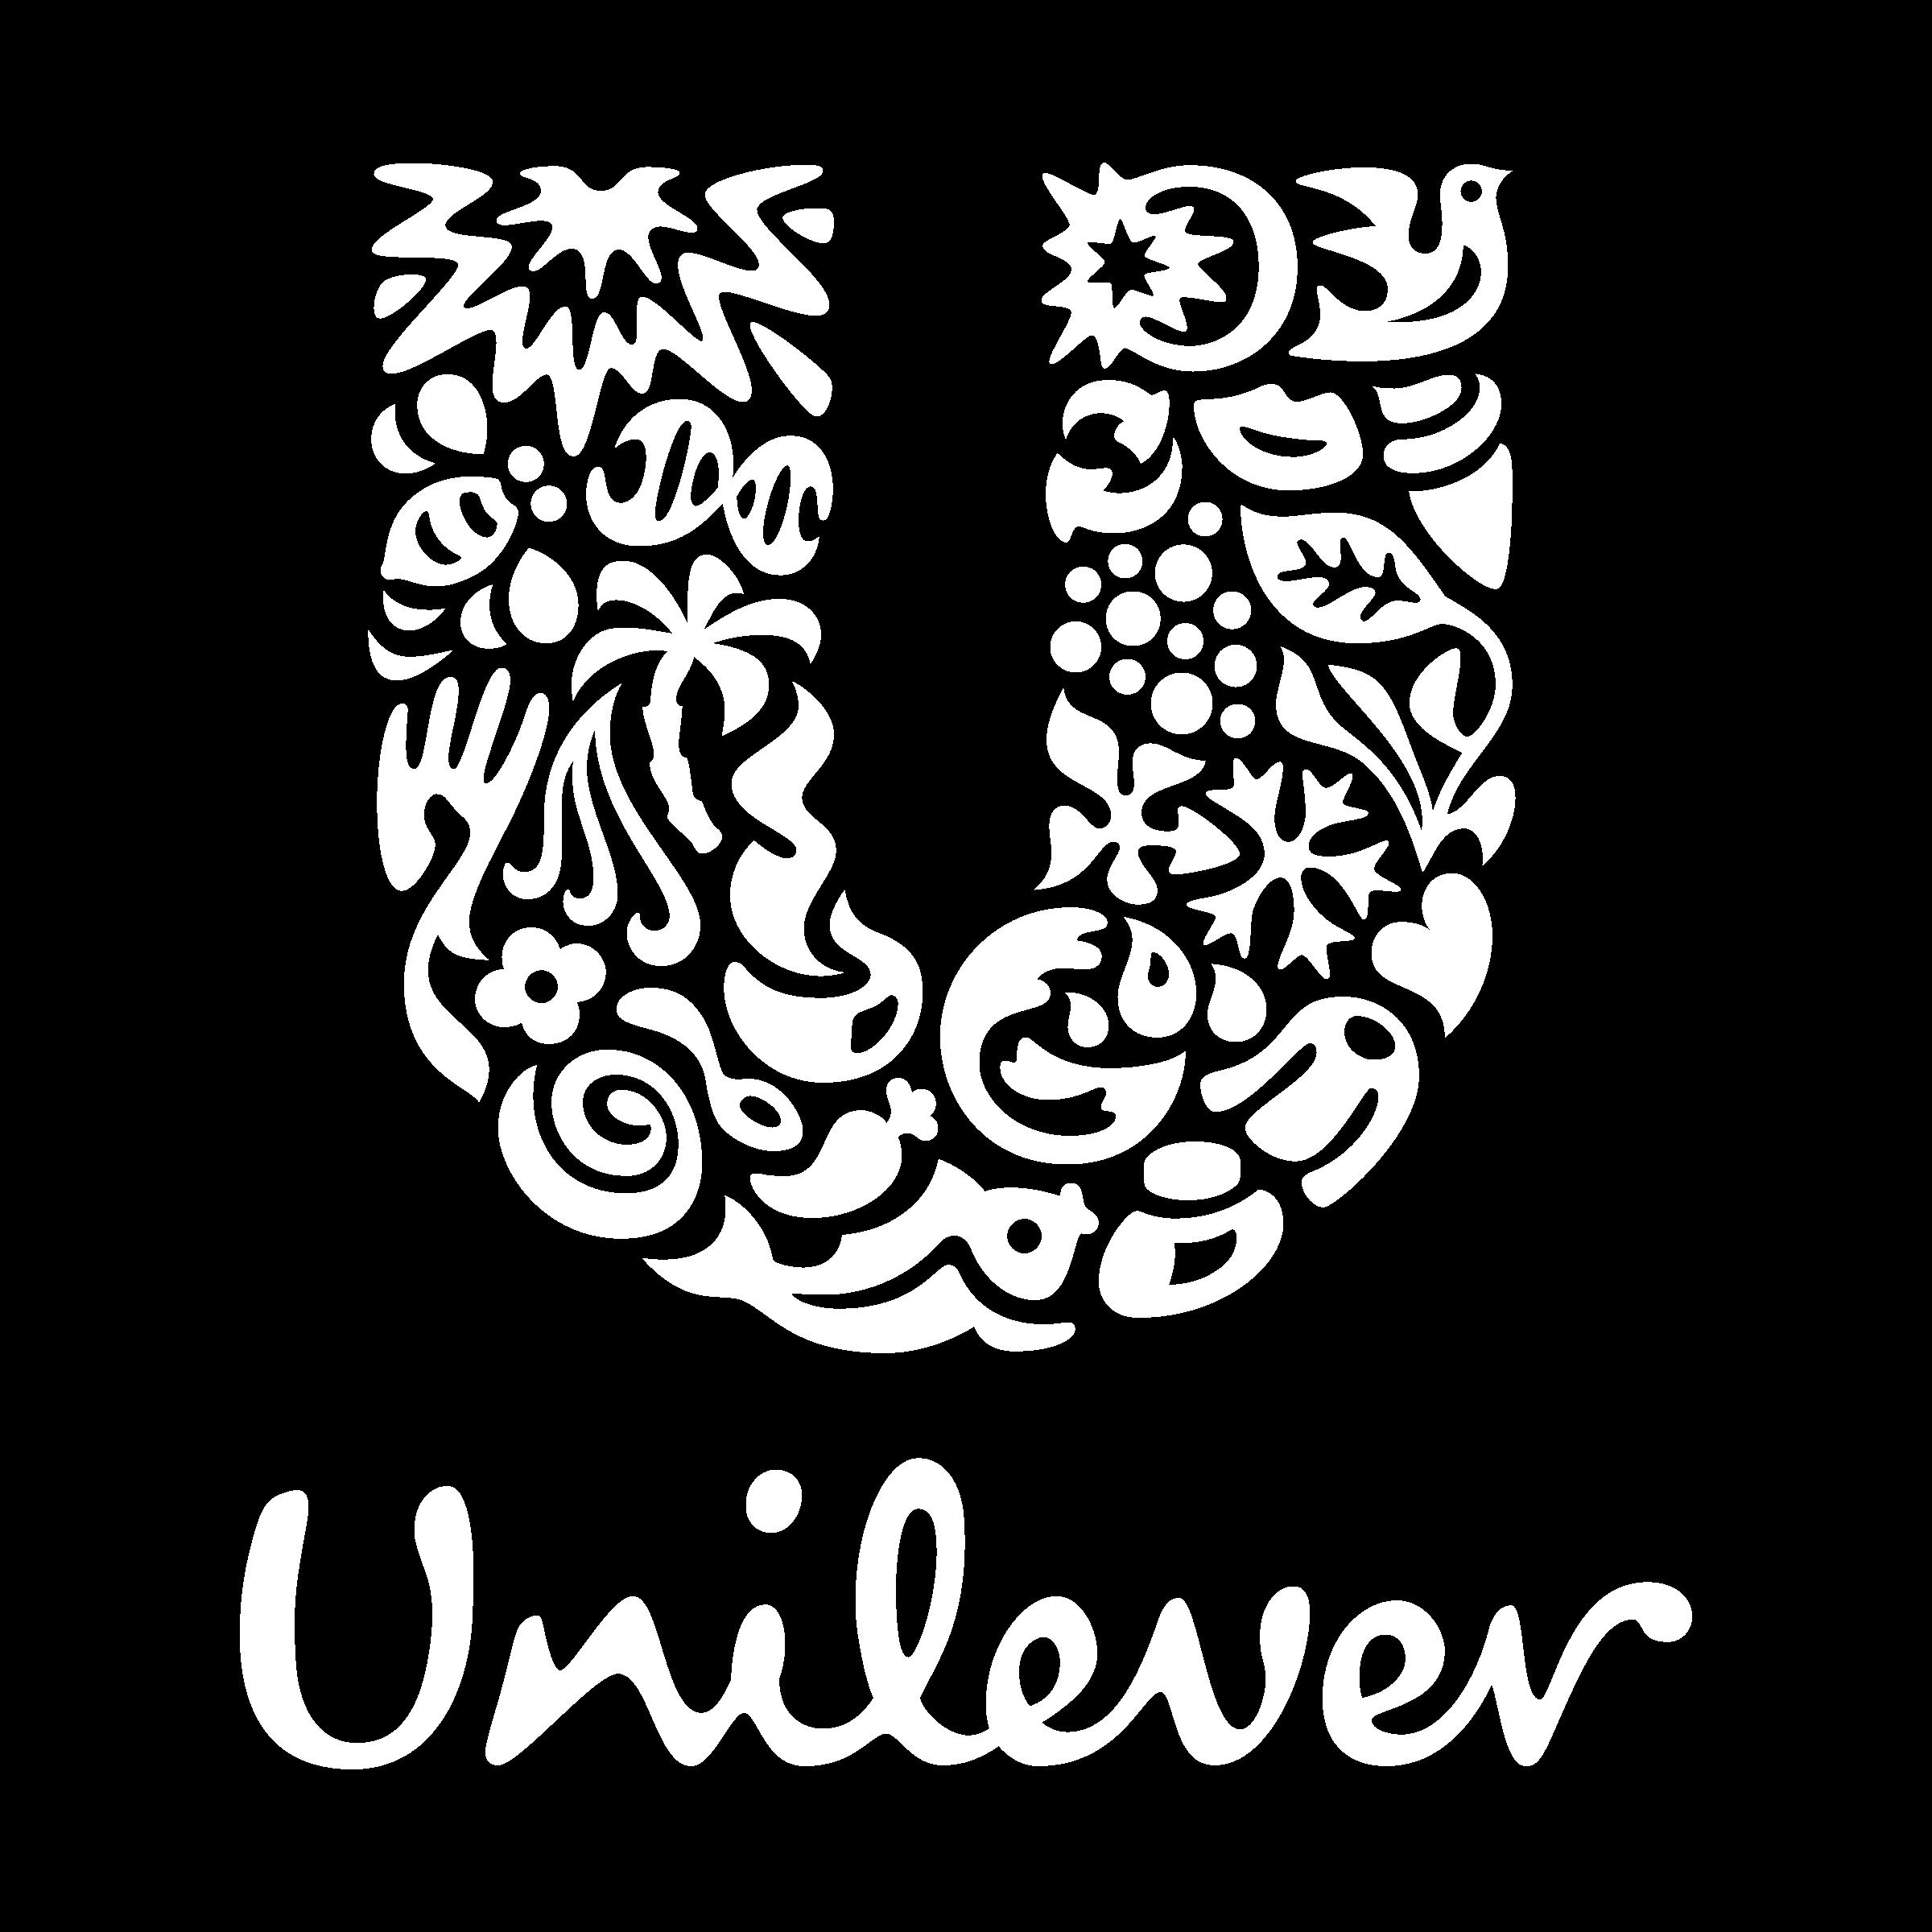 Digital marketing for Unilever